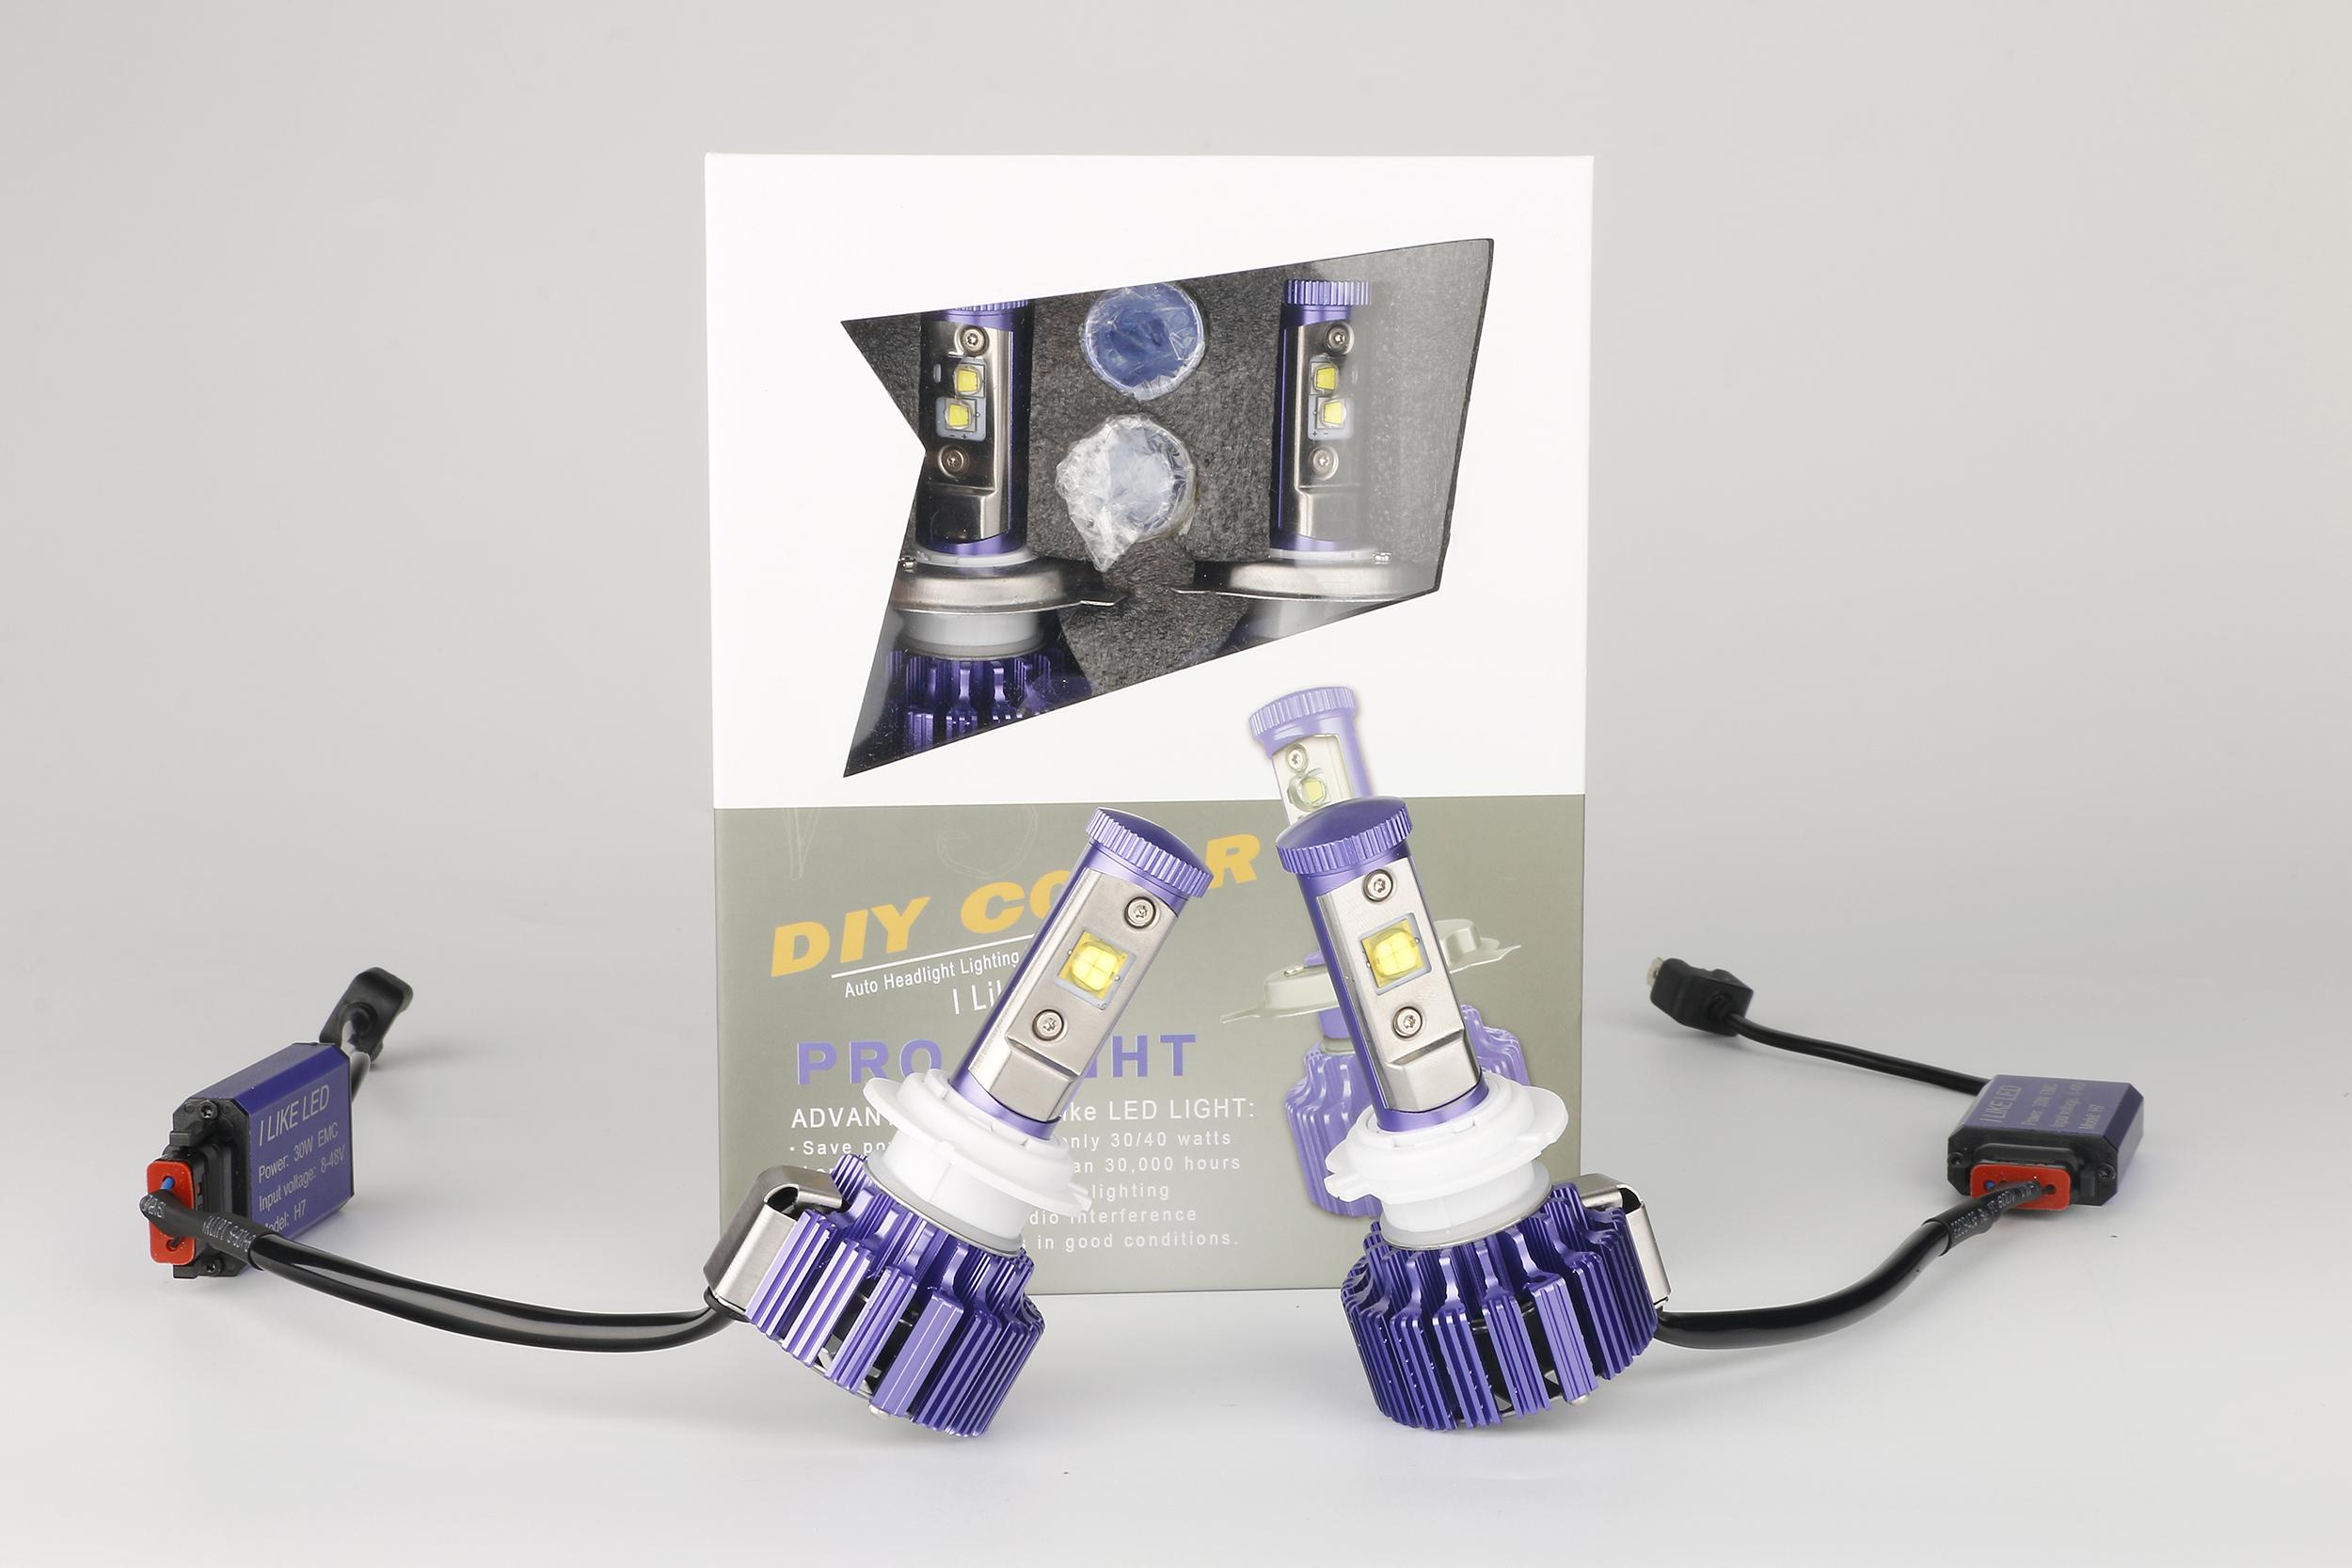 h7 led phares kits h7 remplacement salut lo faisceau de voitures led phares ampoules lumi res. Black Bedroom Furniture Sets. Home Design Ideas